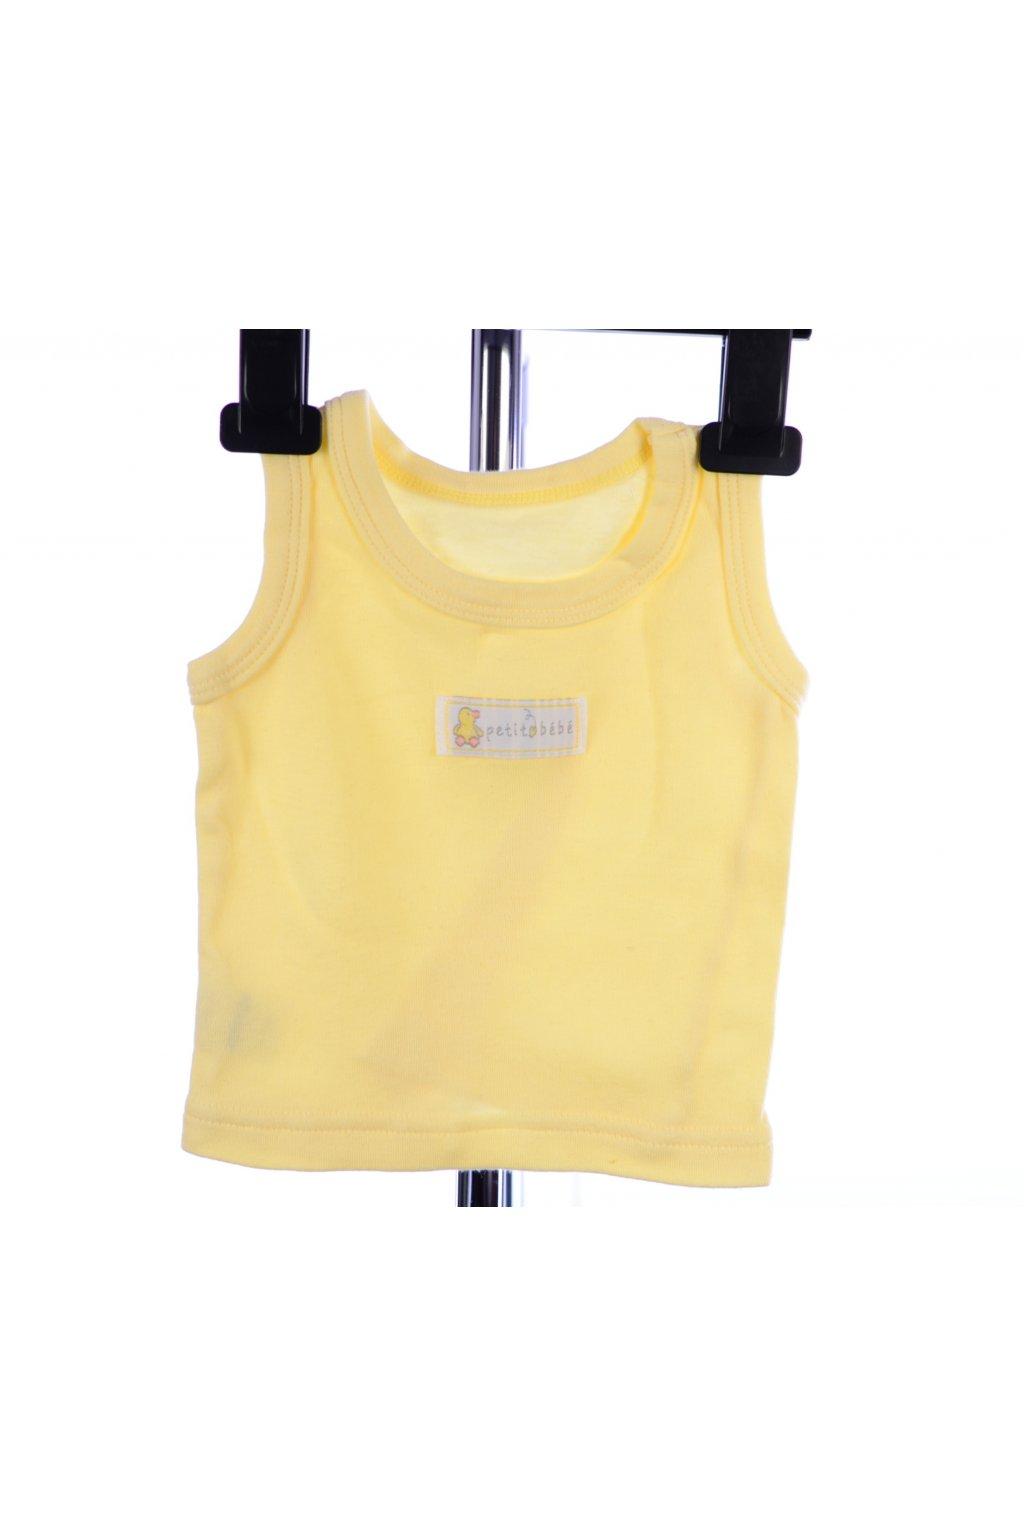 Tričko tílko Petit bébé 0-3 Měs/ 50-56-62 žluté